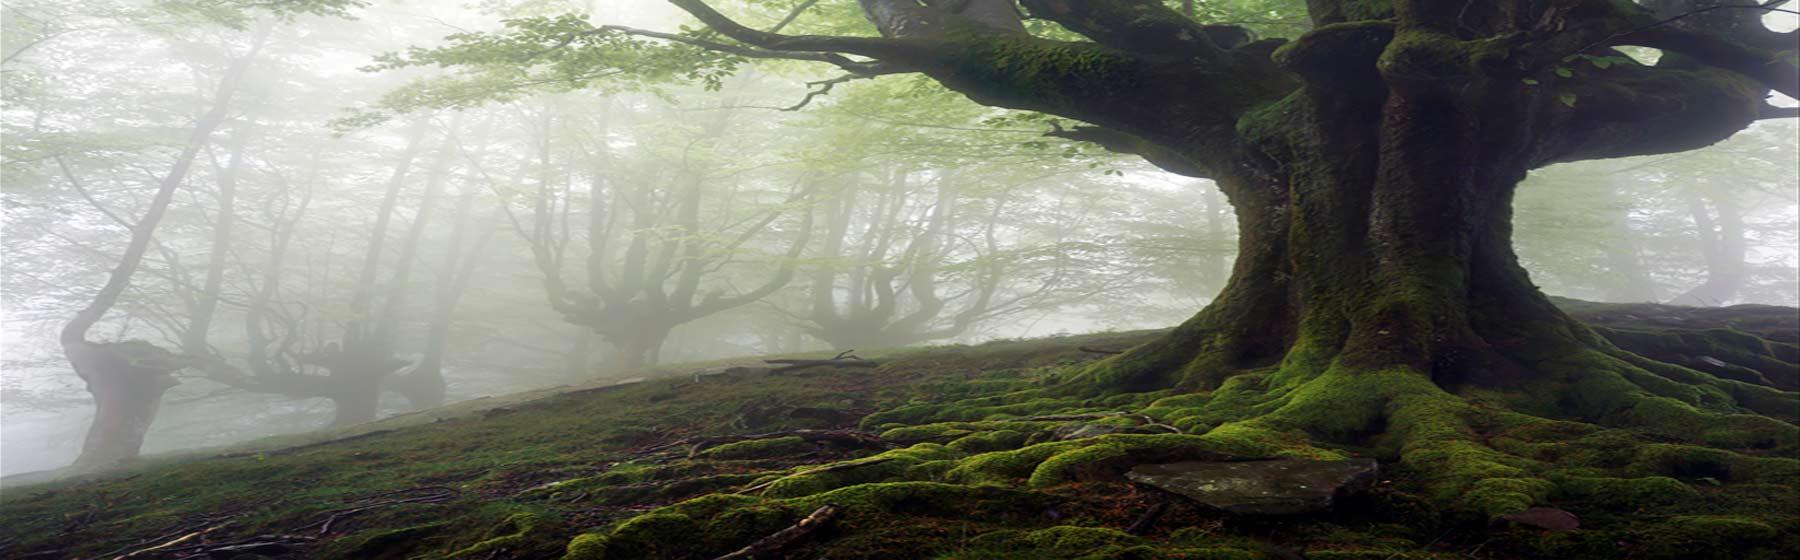 arbre-zoom